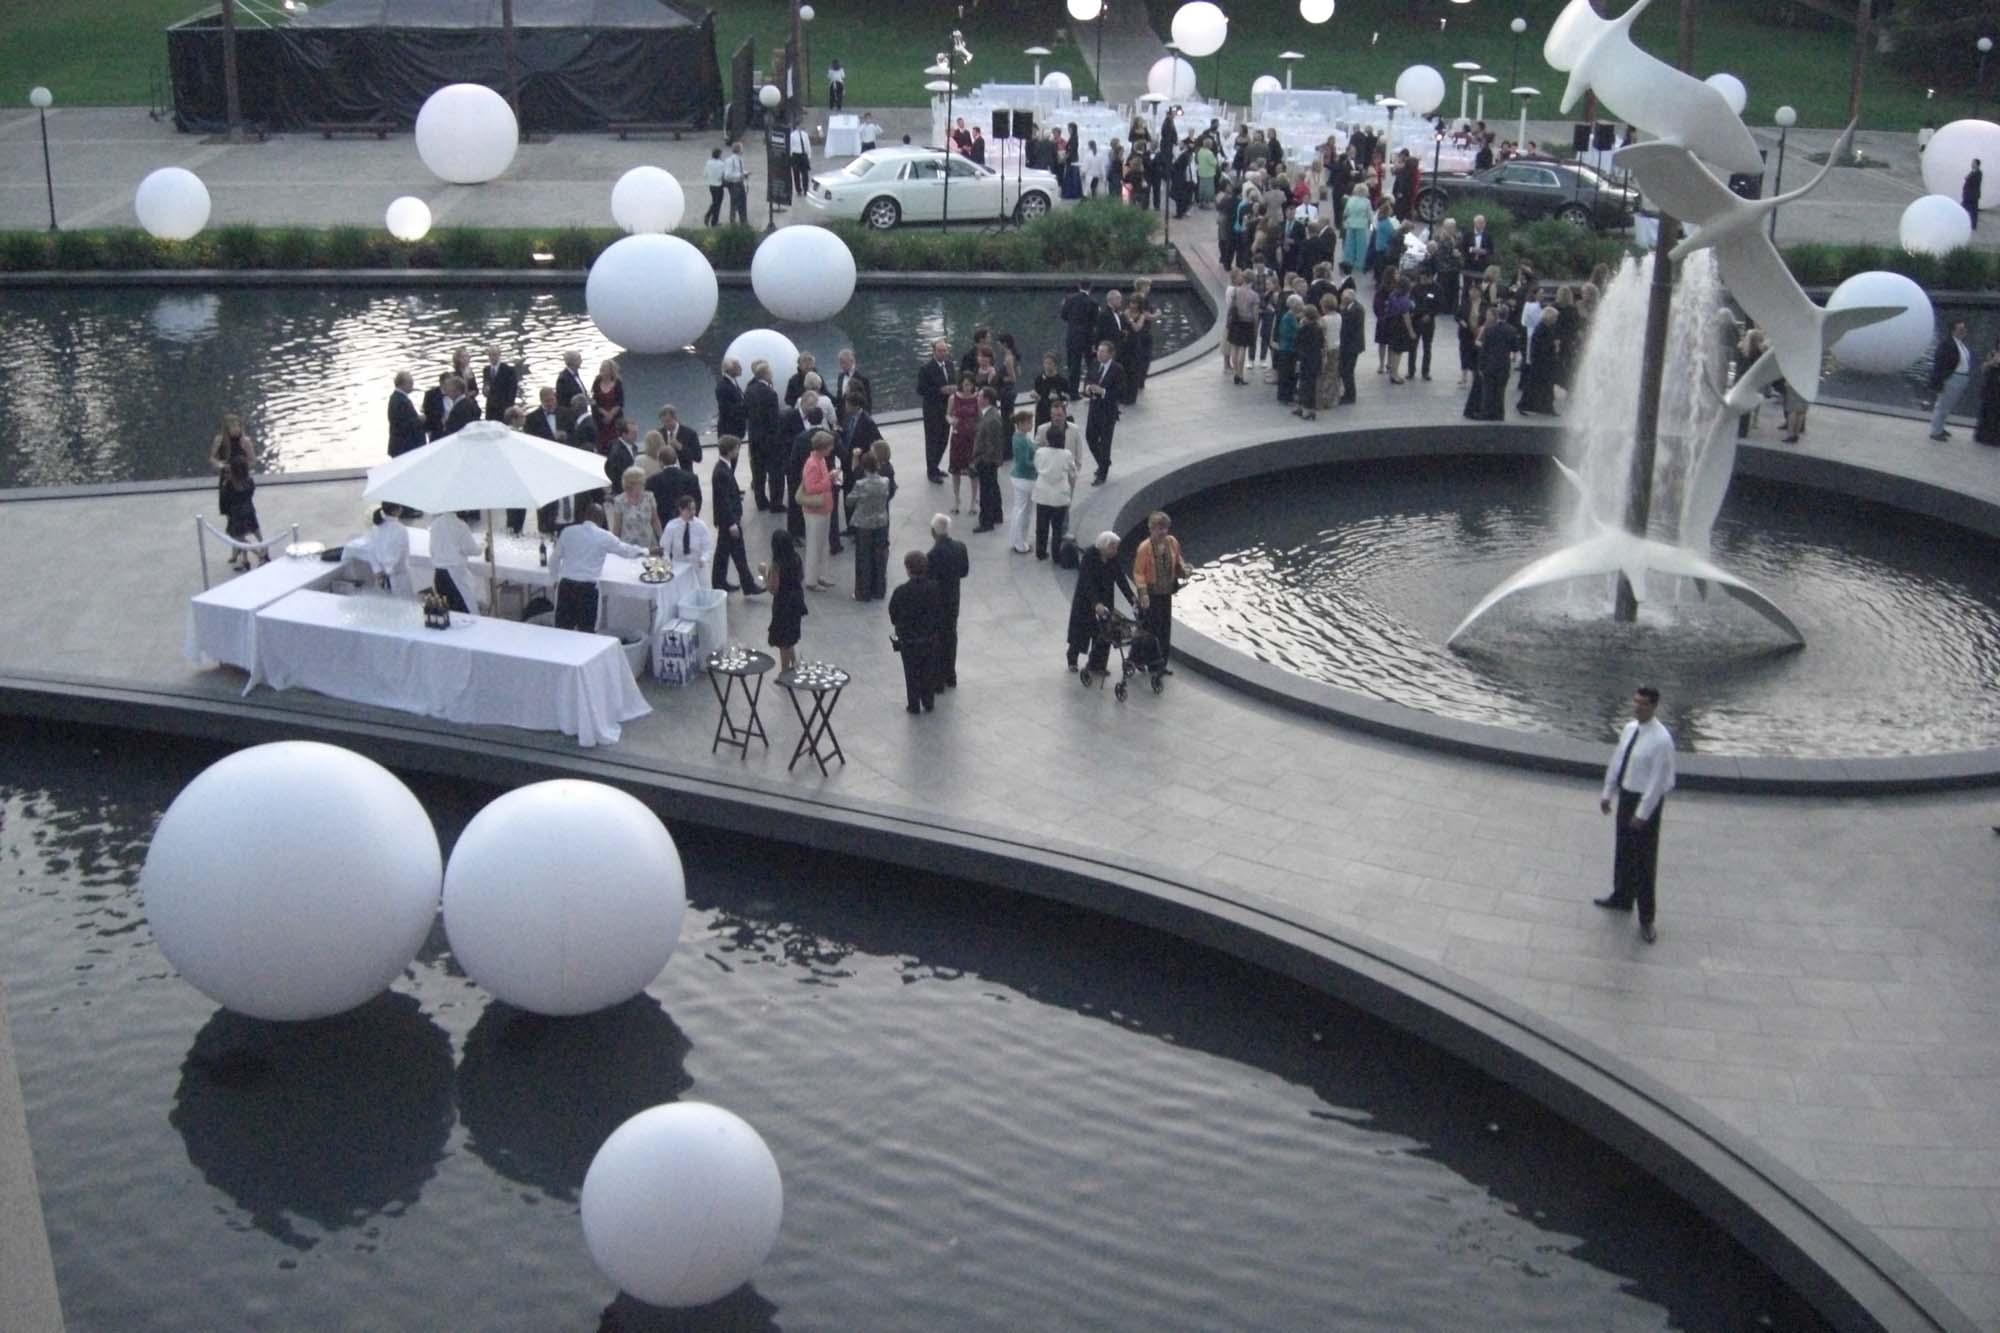 PVC-Spheres-in-Pool-uai-2880x1920.jpg